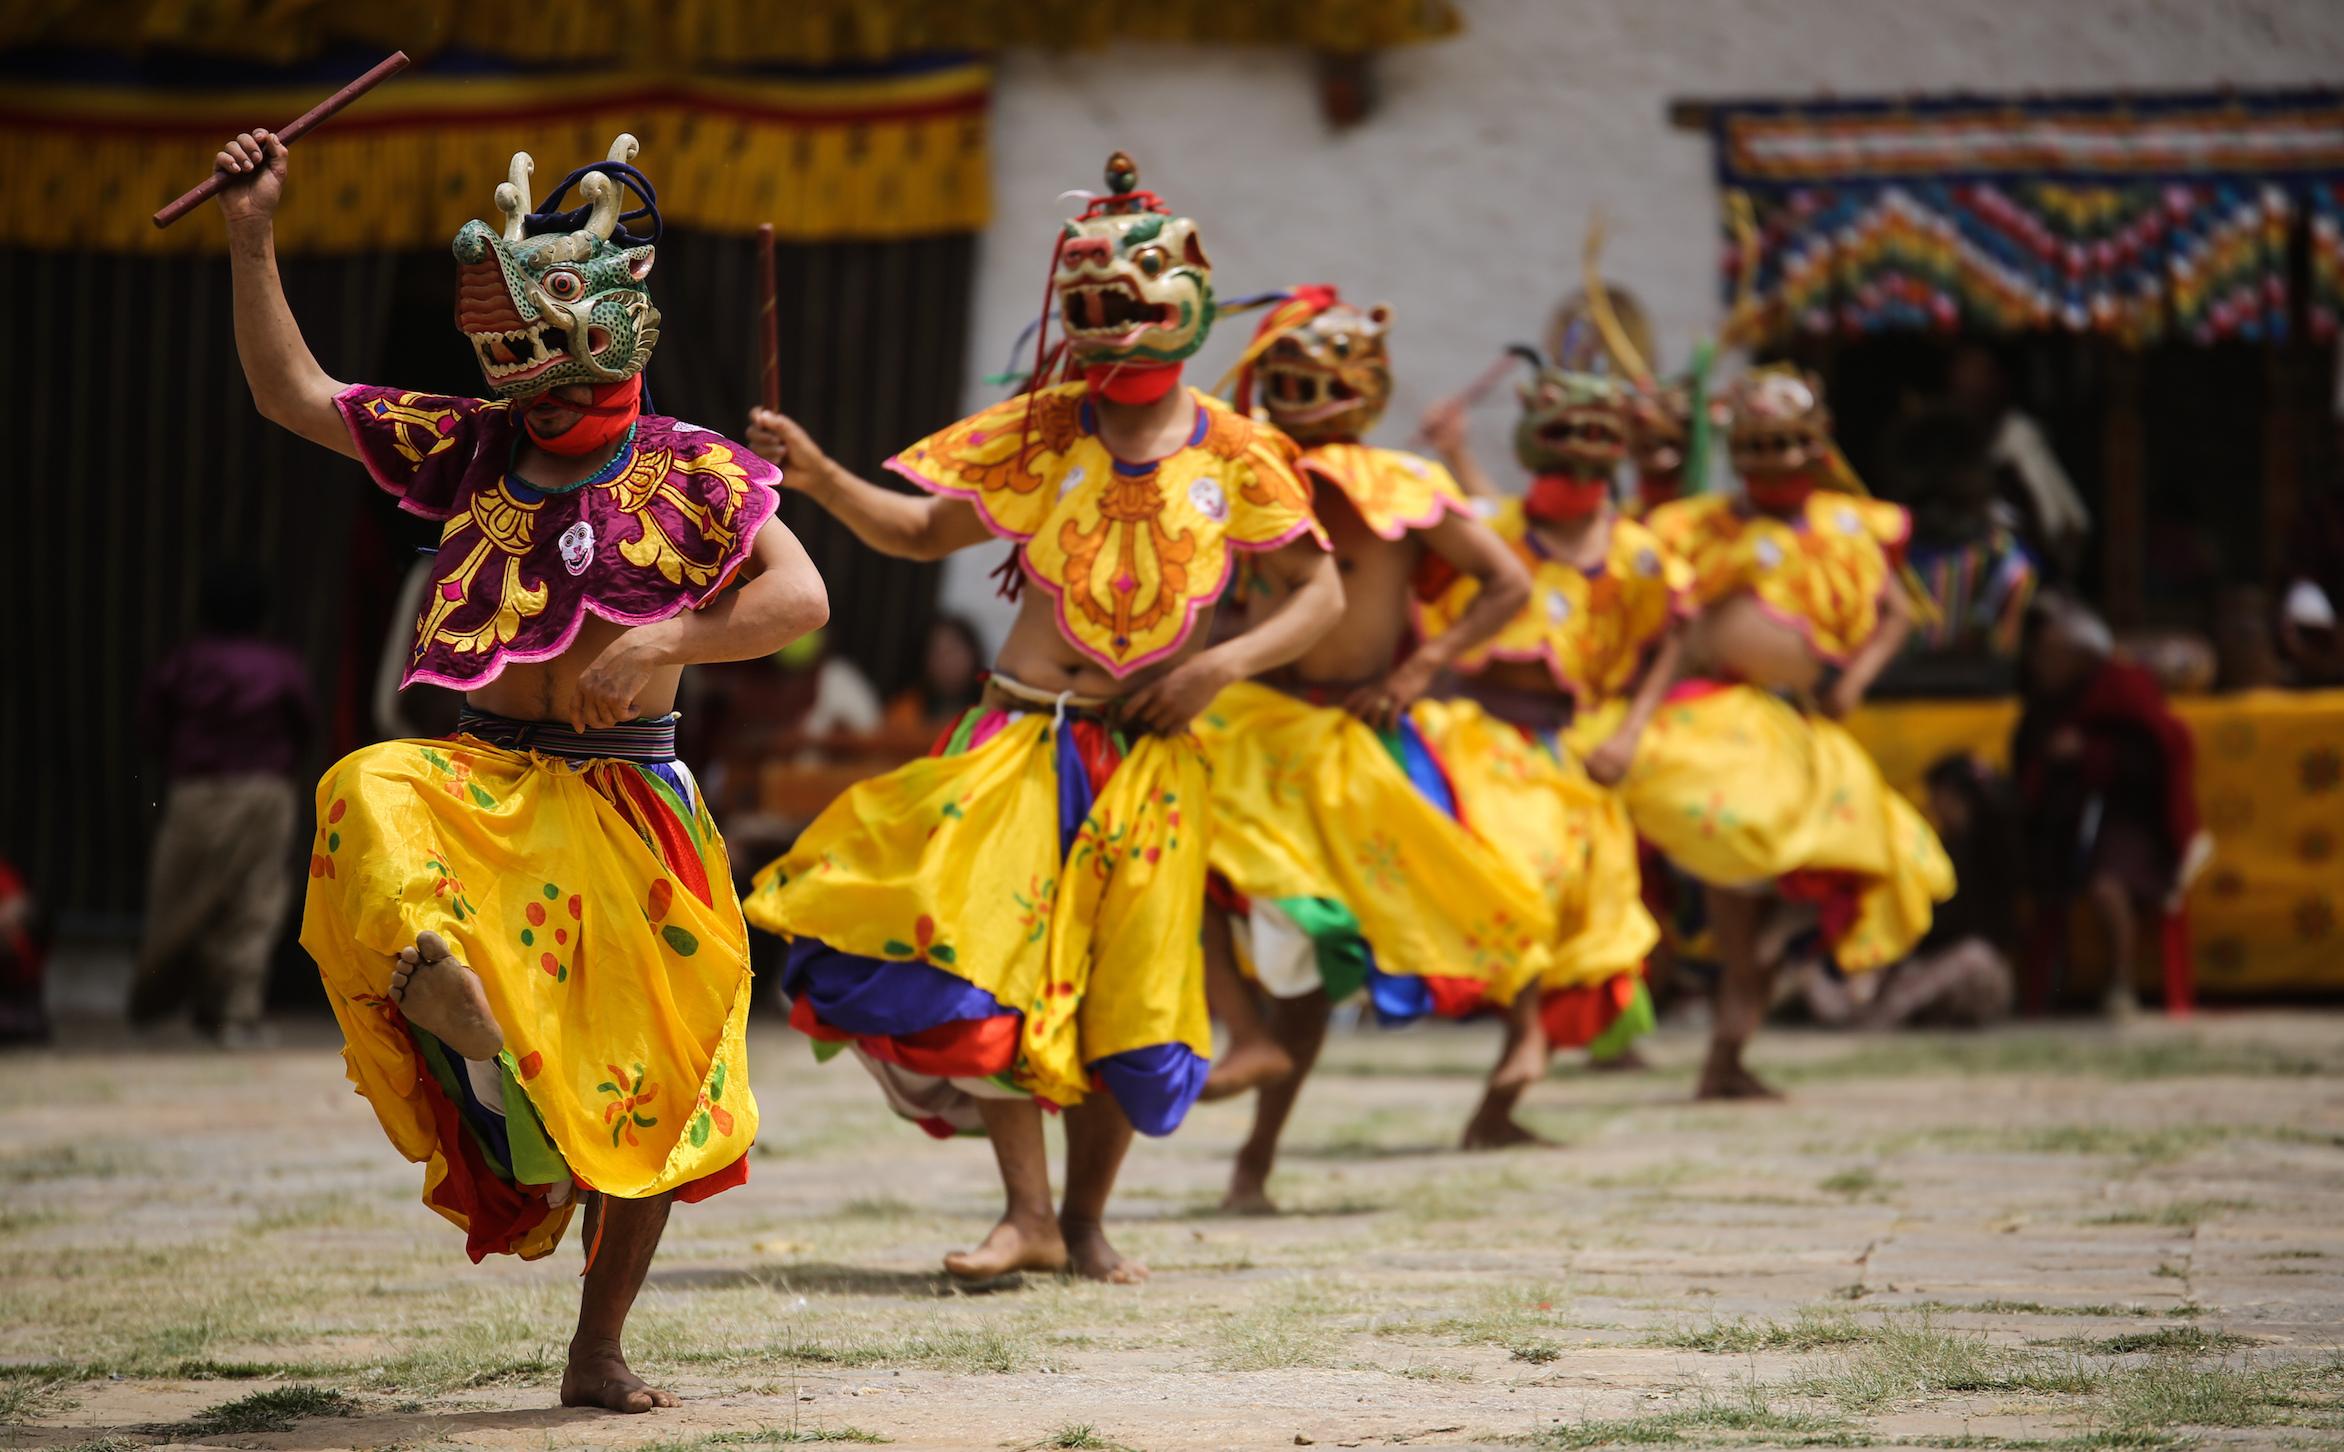 Masked Dancer_ Bhutan shutterstock_273612779(1) - Copy